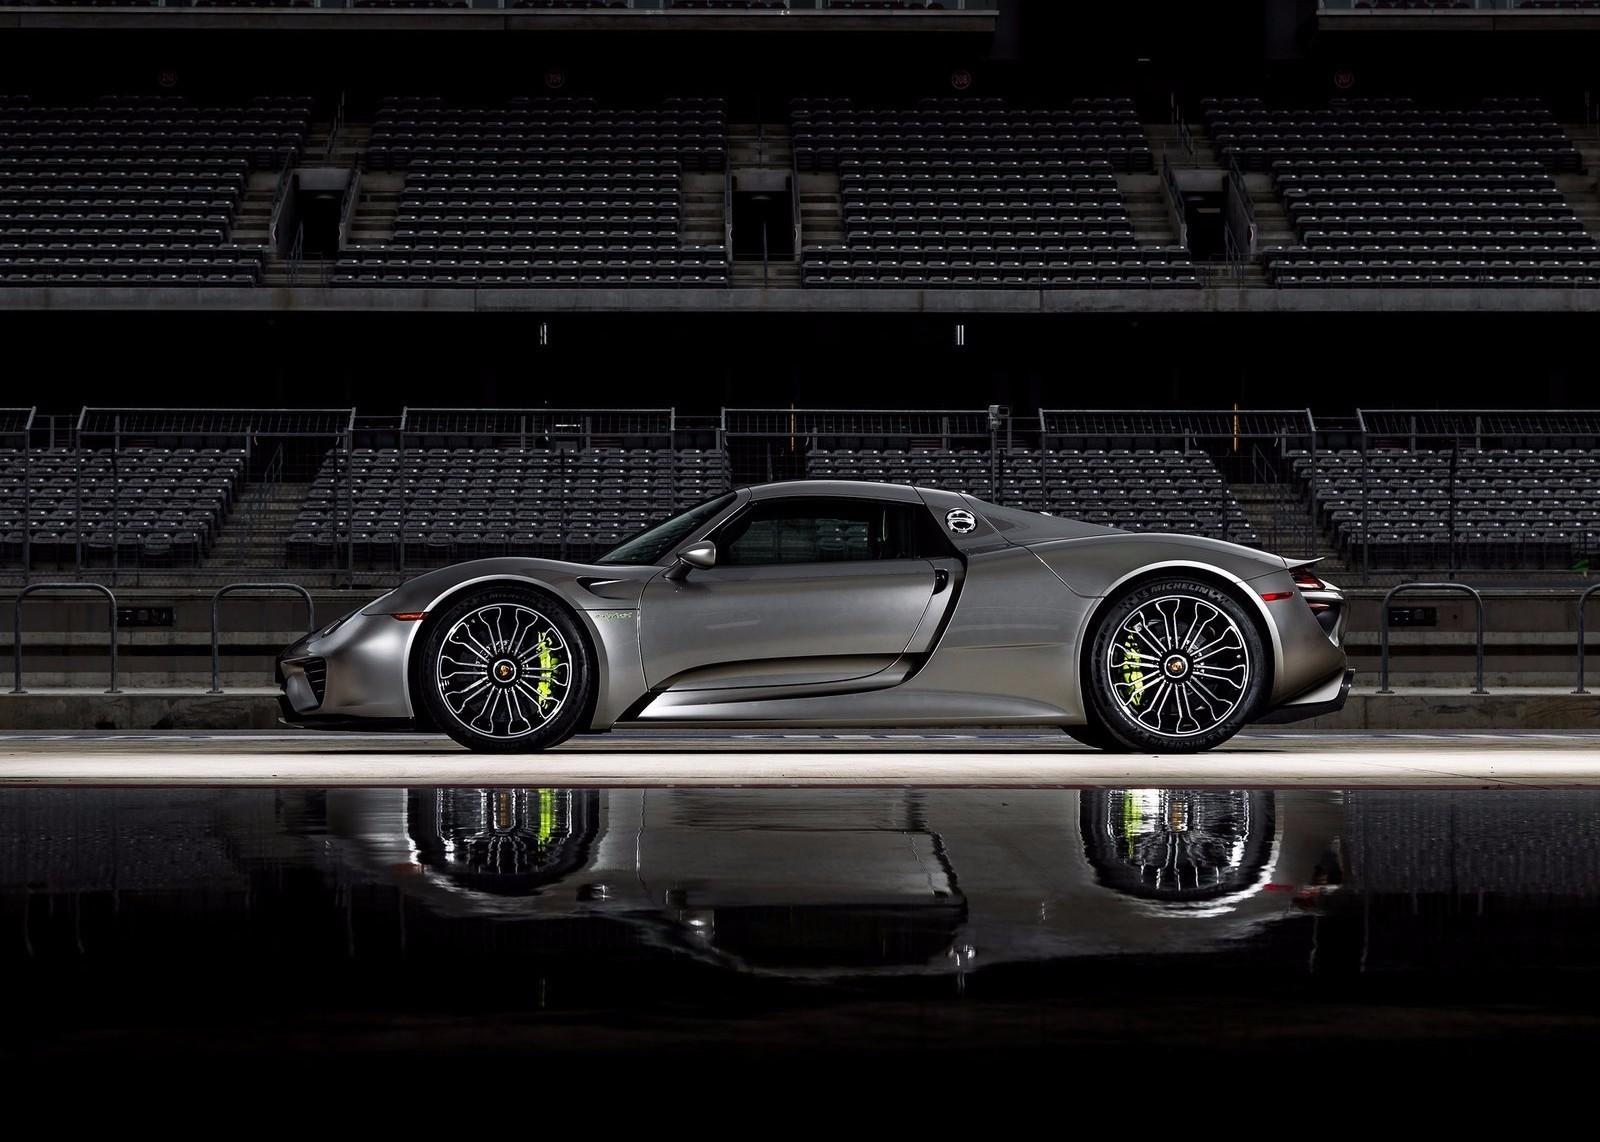 保时捷油电混合动力超跑 918 spyder